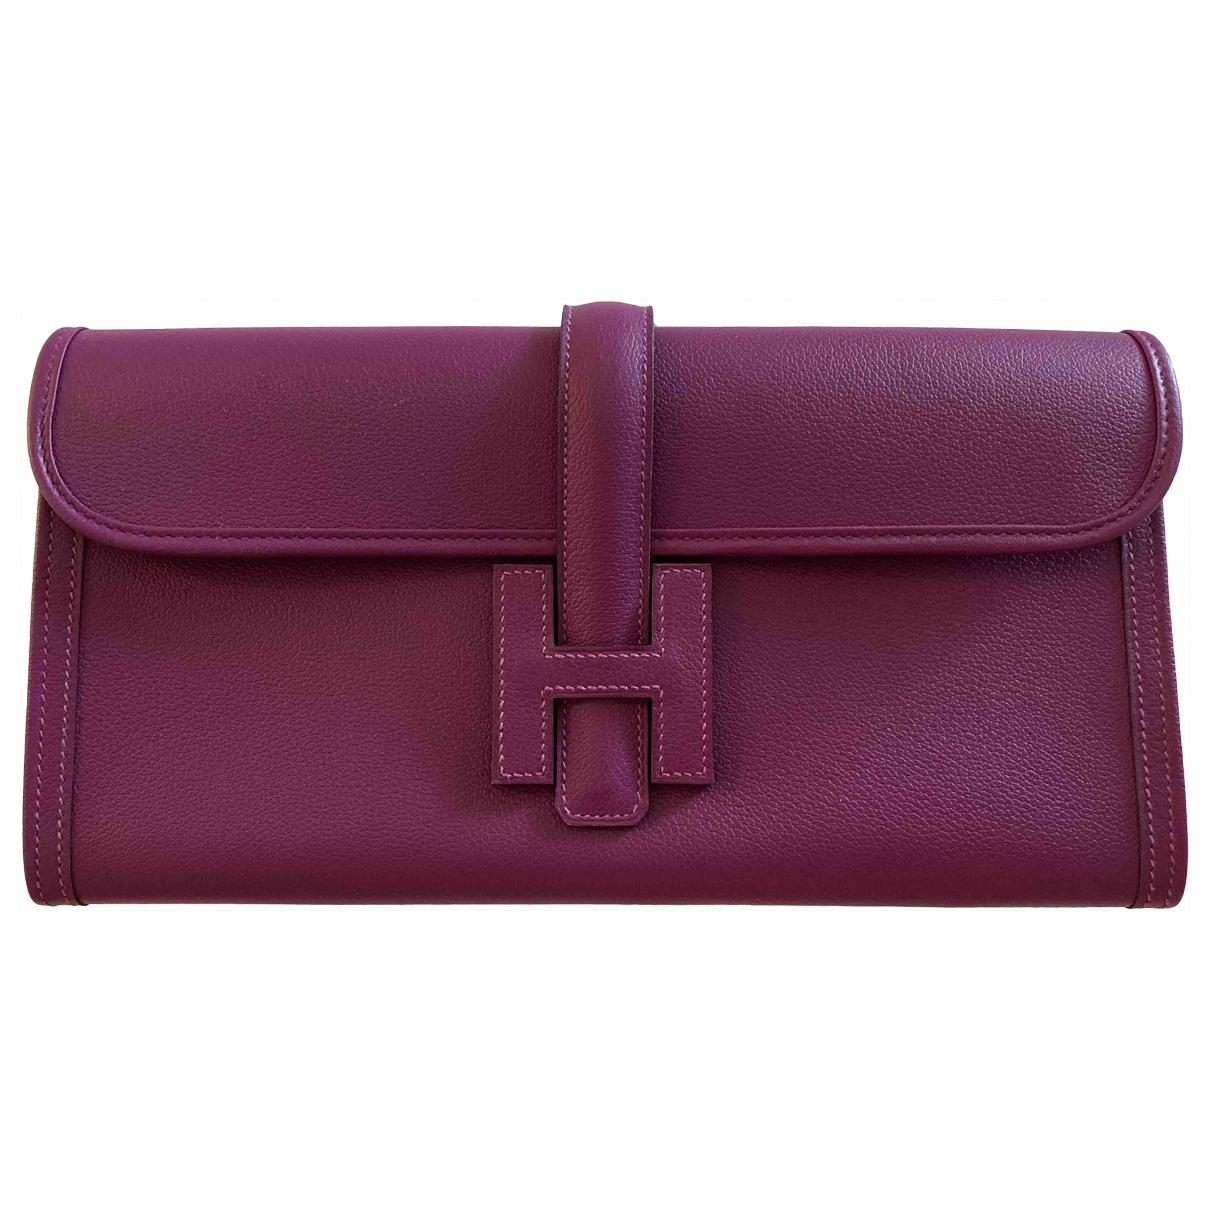 Hermes - Pochette Jige pour femme en cuir - violet